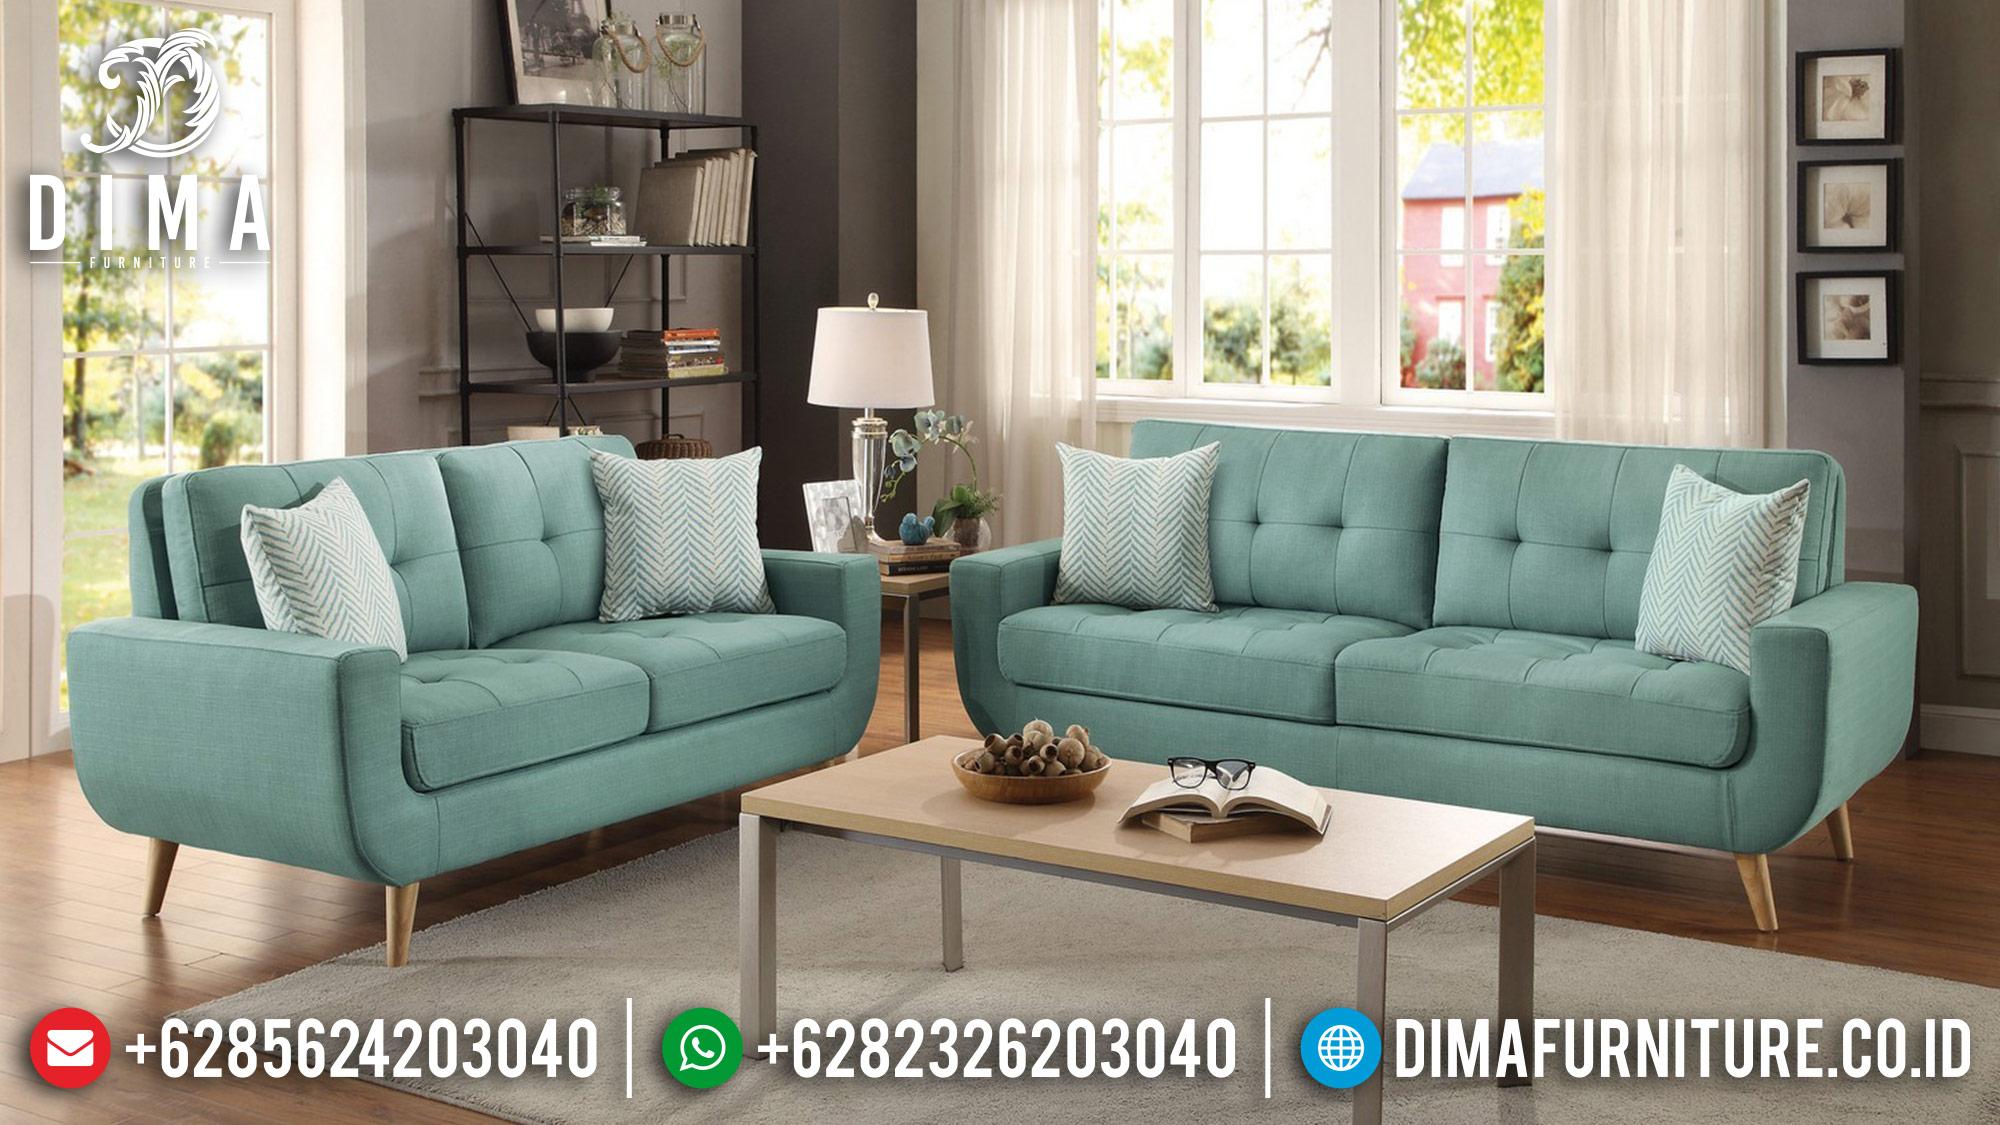 Sofa Mewah Minimalis, Sofa Jepara Terbaru, Kursi Tamu Minimalis Modern DF-0481 Gambar 1